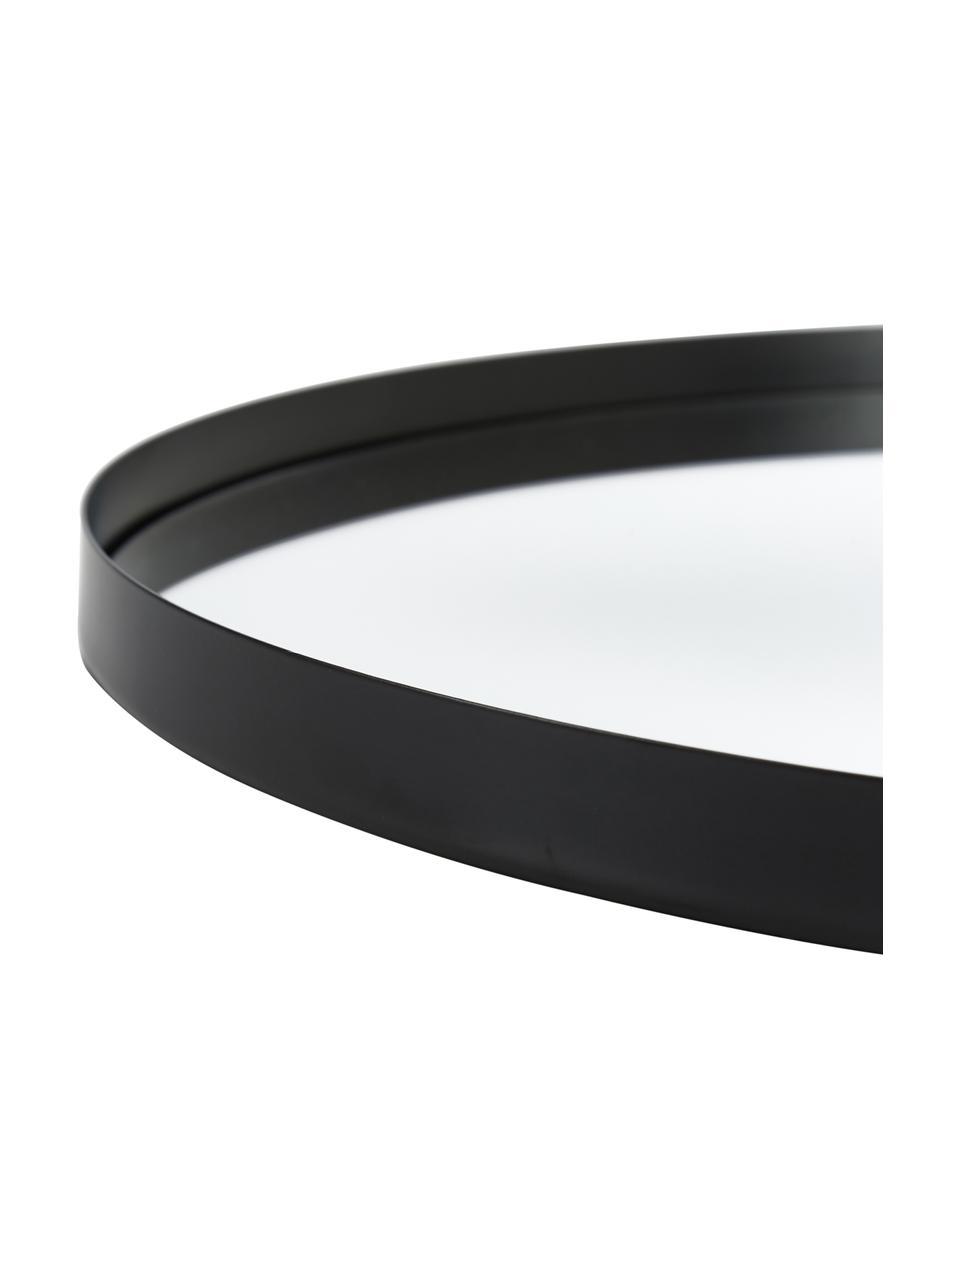 Specchio rotondo da parete con cornice nera Ivy, Cornice: metallo verniciato a polv, Superficie dello specchio: lastra di vetro, Retro: pannello di fibra a media, Nero, Ø 100 cm